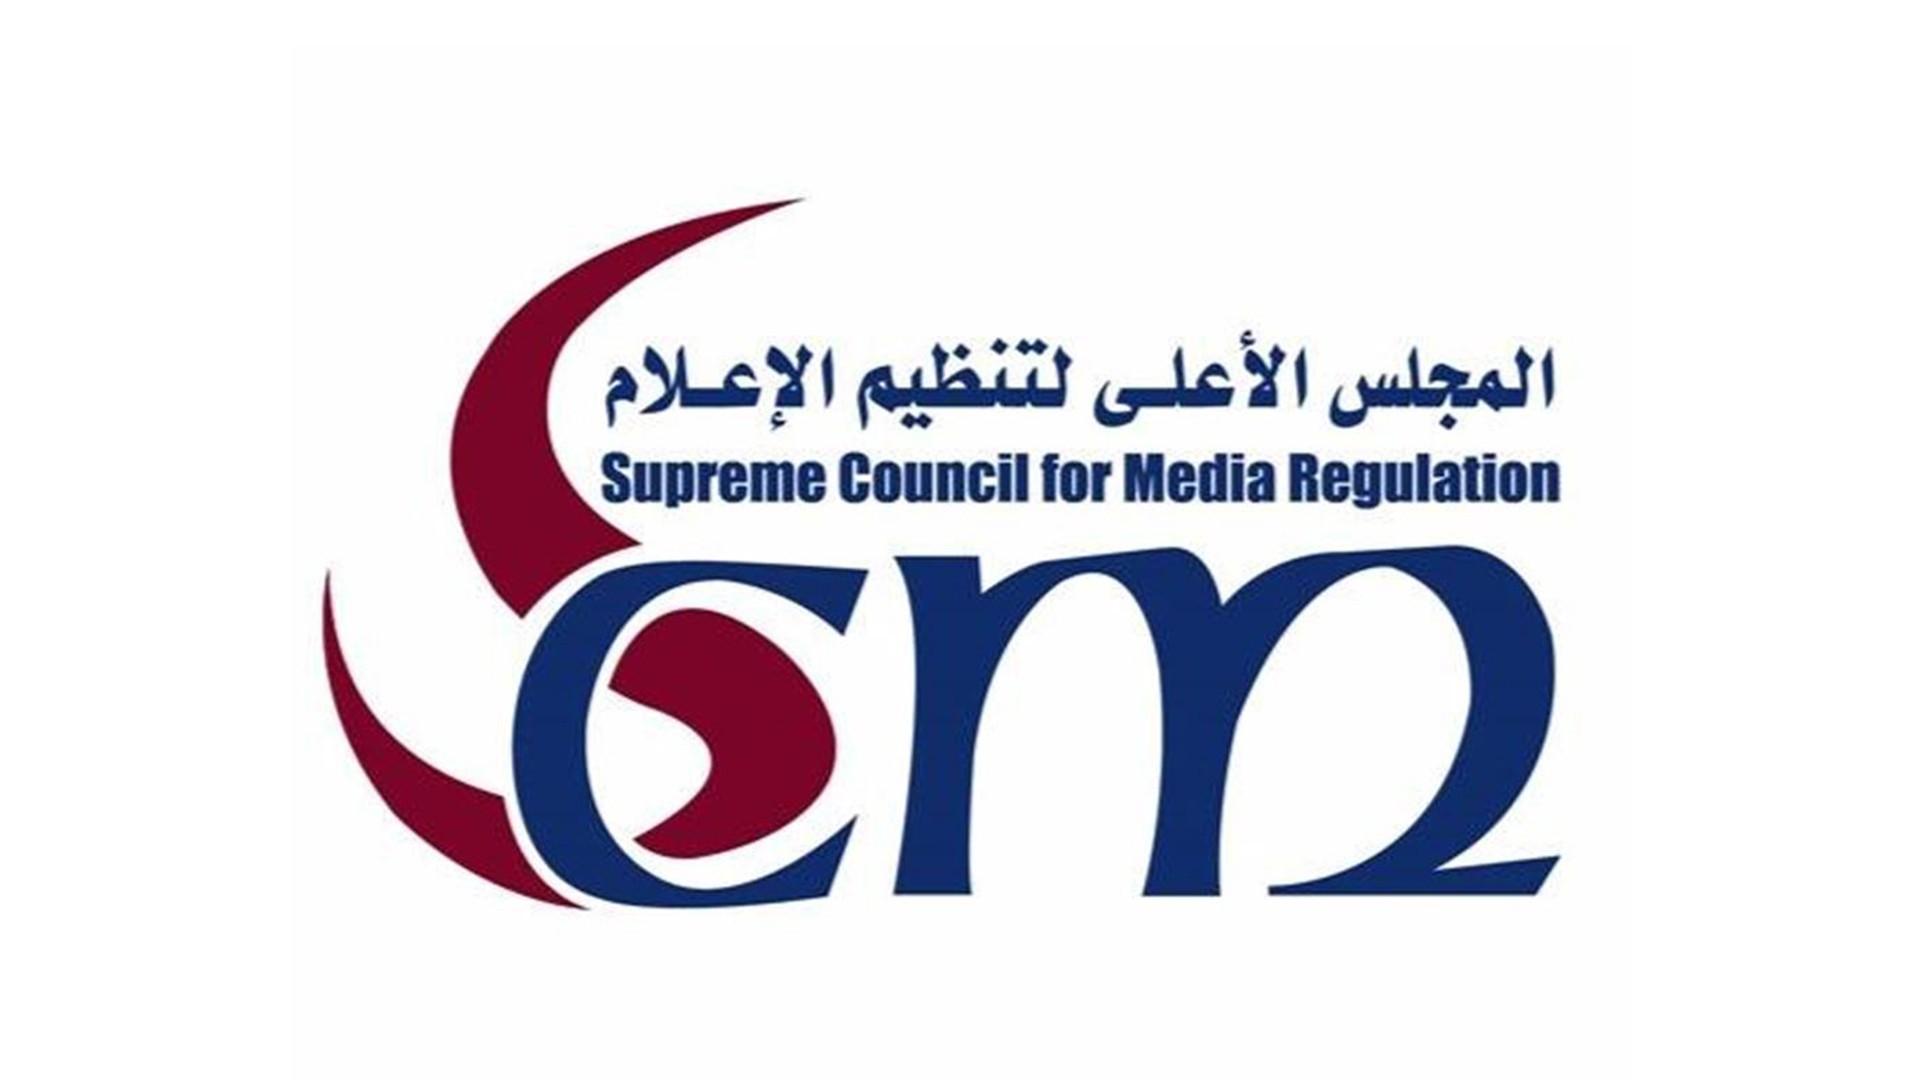 تقنين أوضاع المؤسسات الإعلامية في مصر